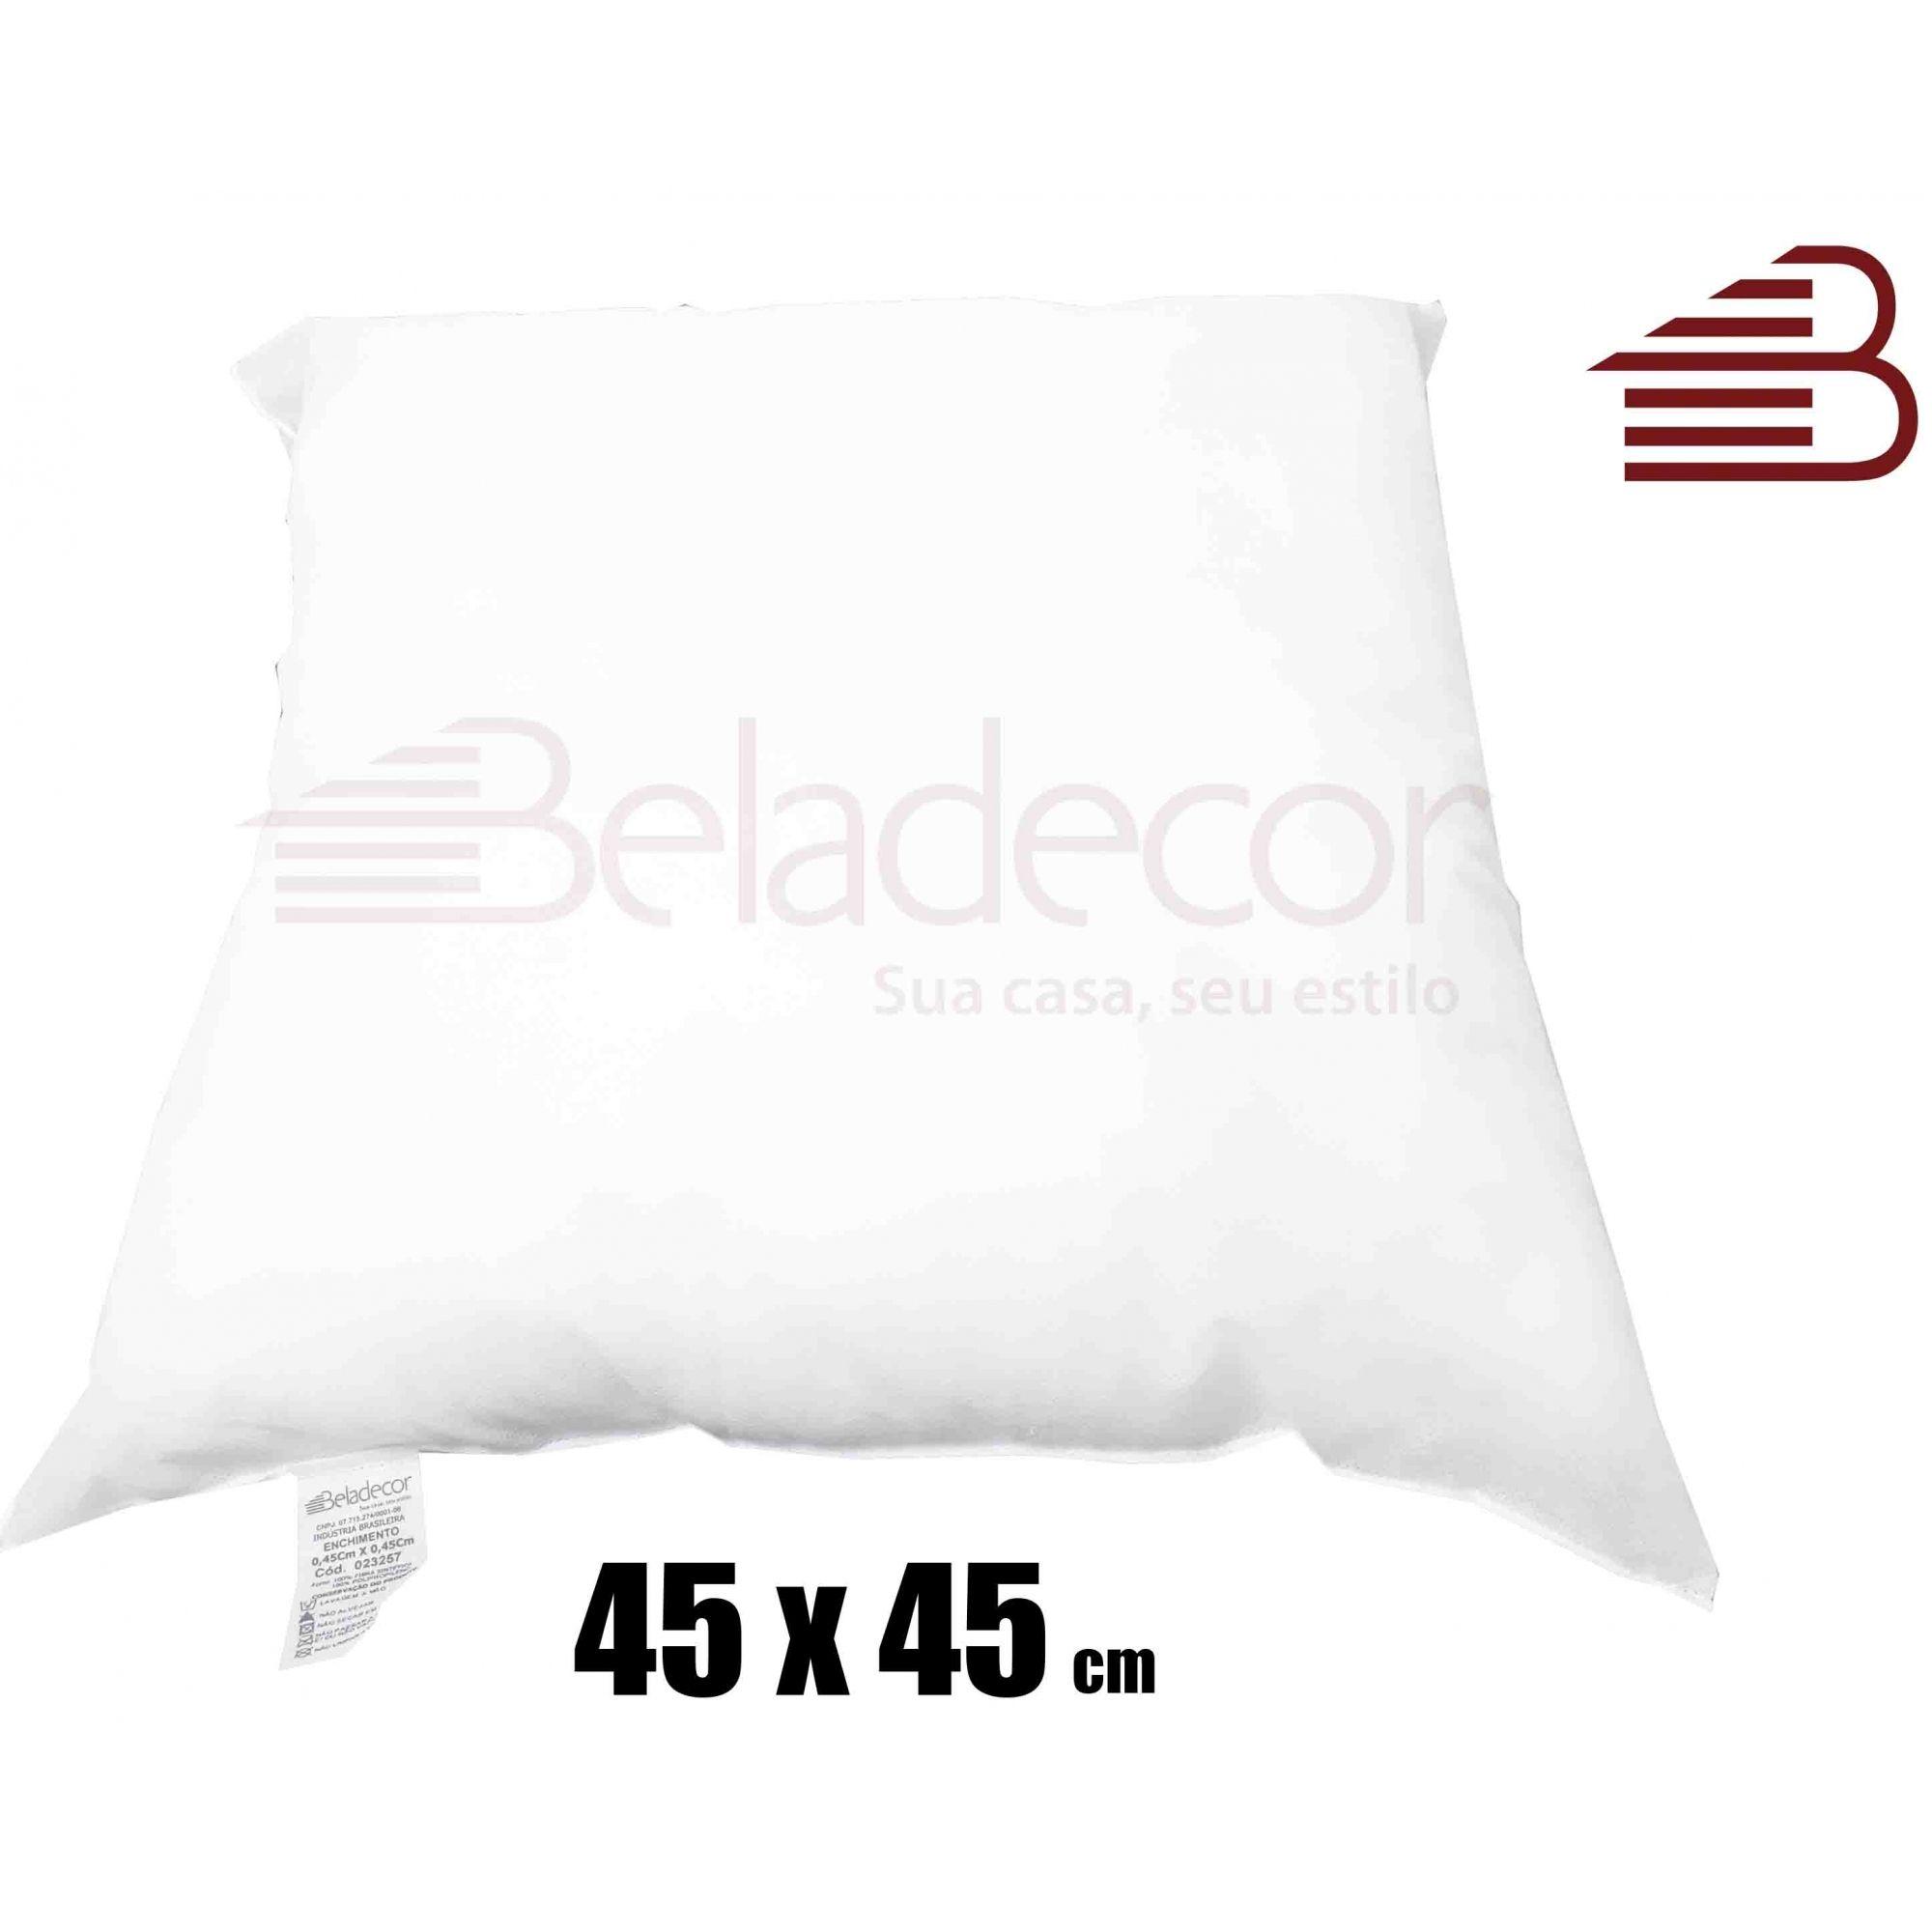 ENCHIMENTO DE ALMOFADA BELADECOR 45CM X 45CM